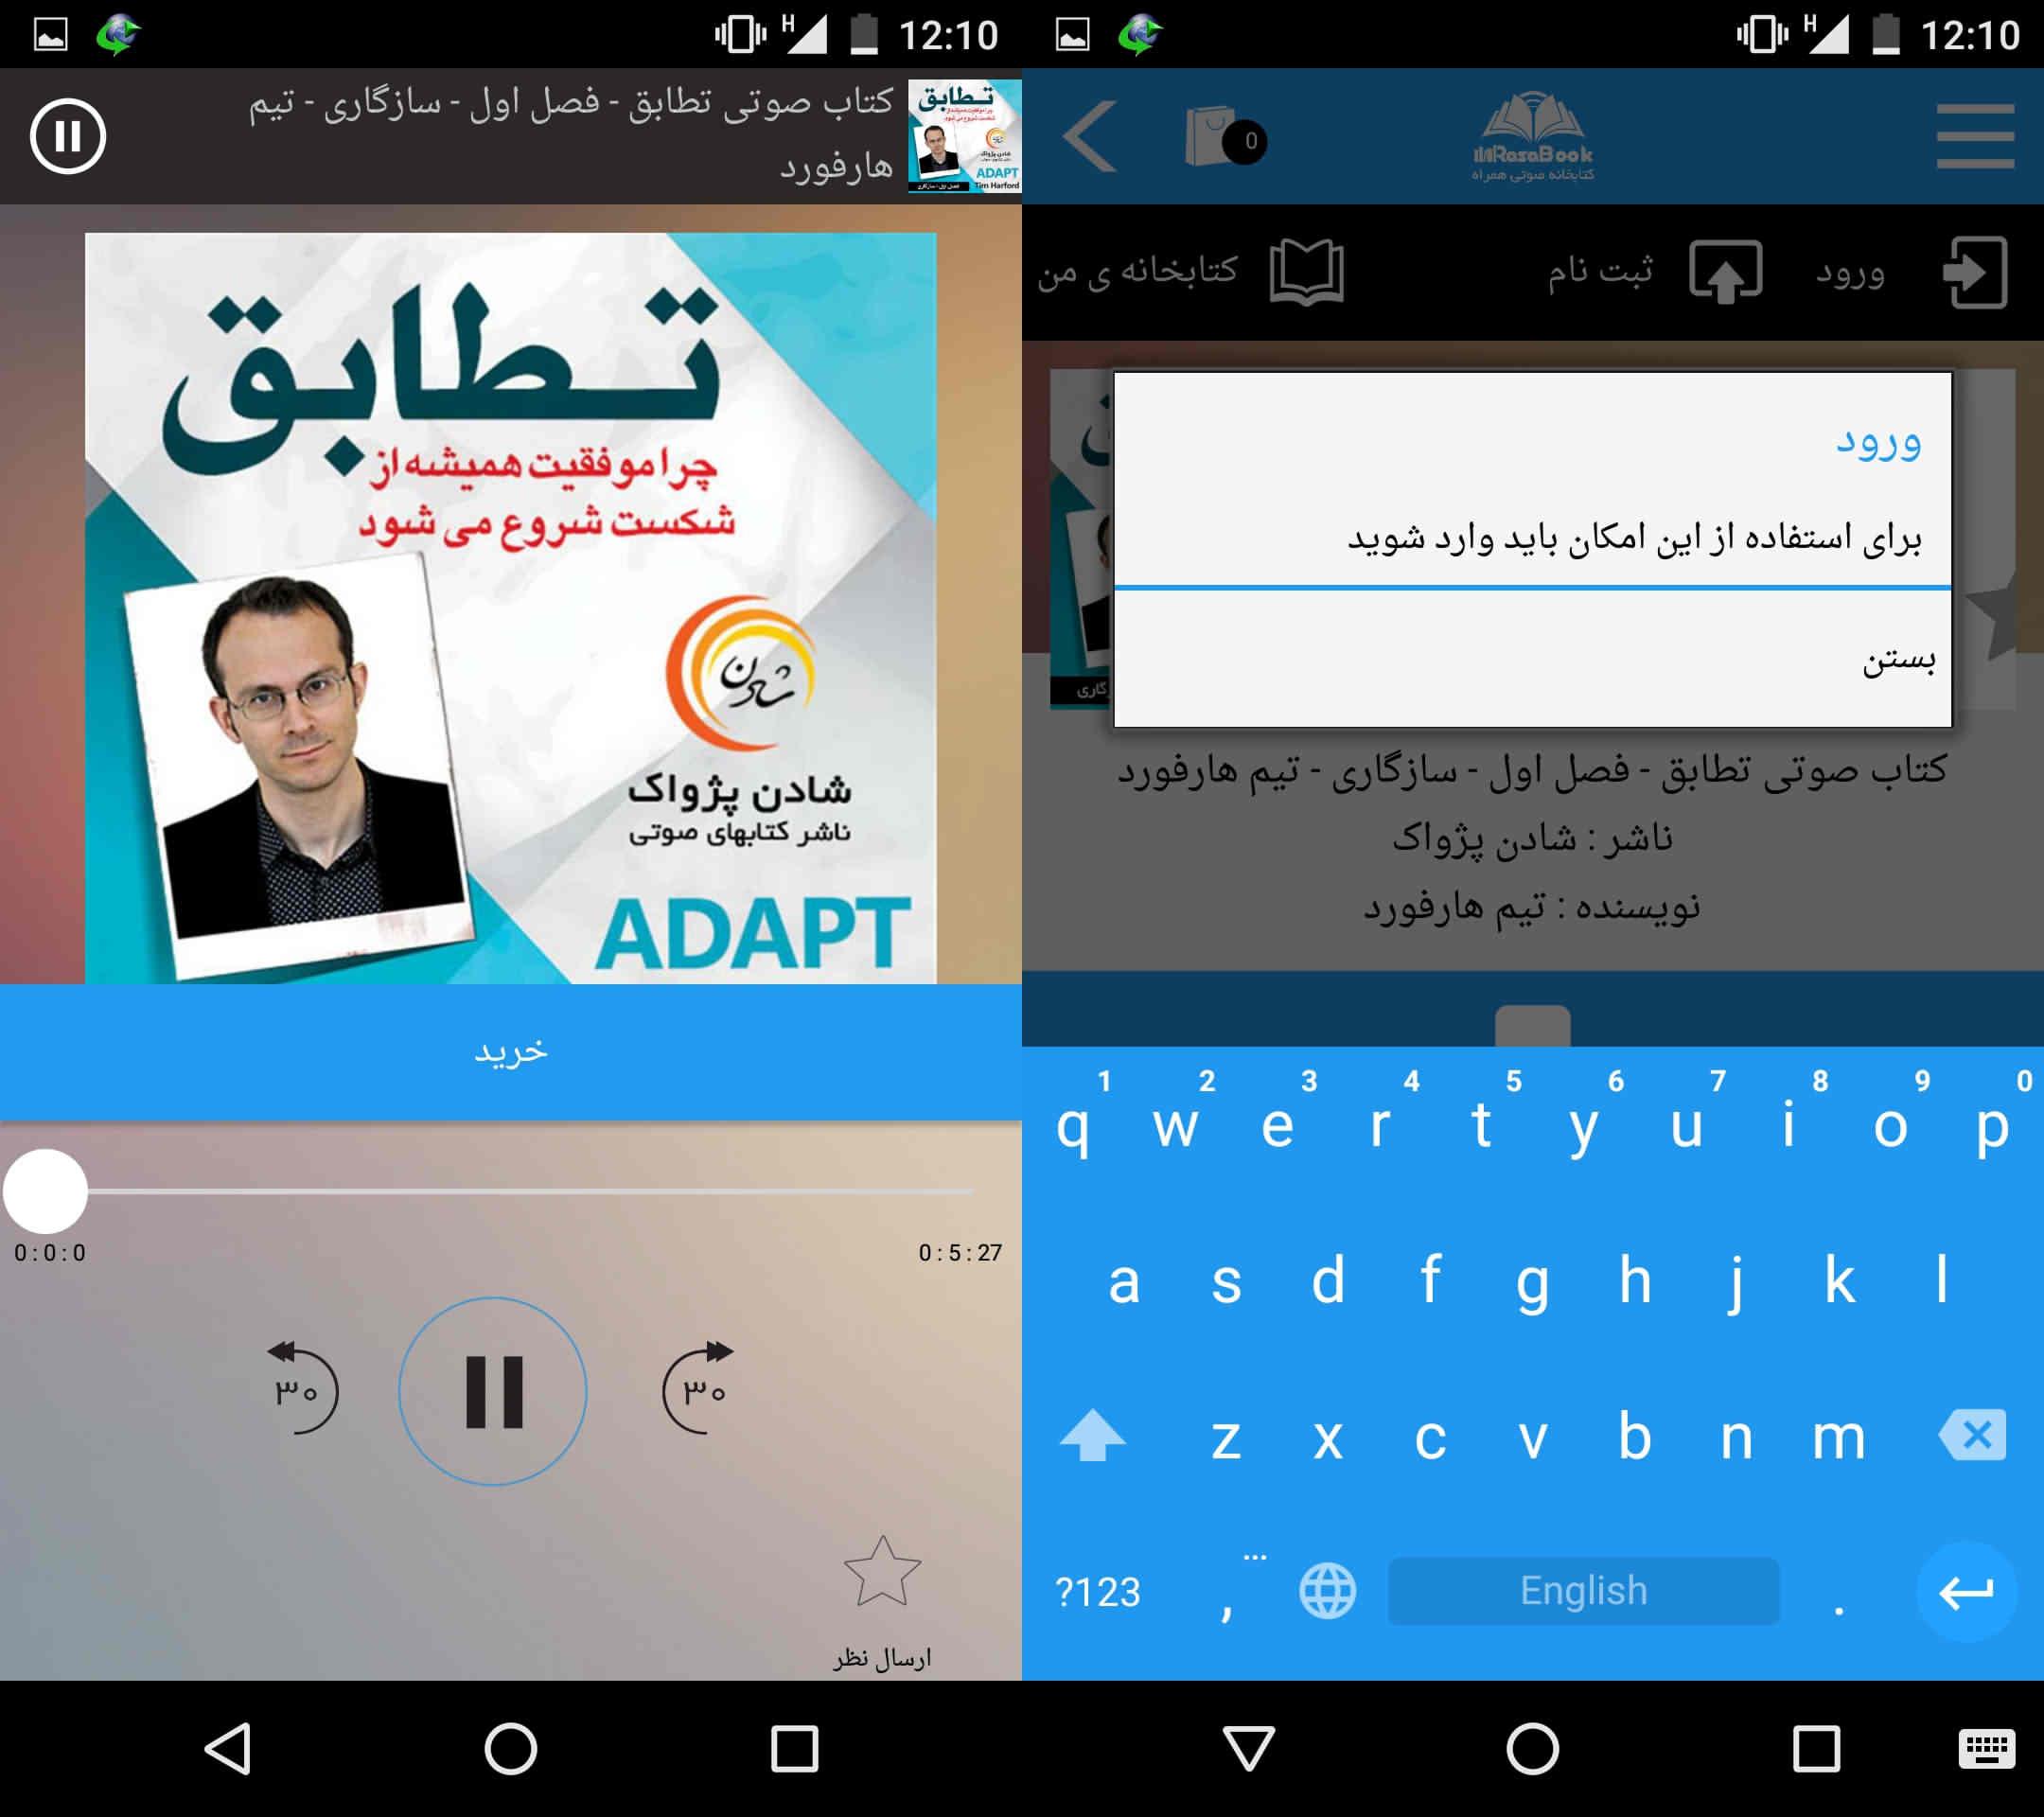 پخش ترک ها در اپلیکیشن رسابوک